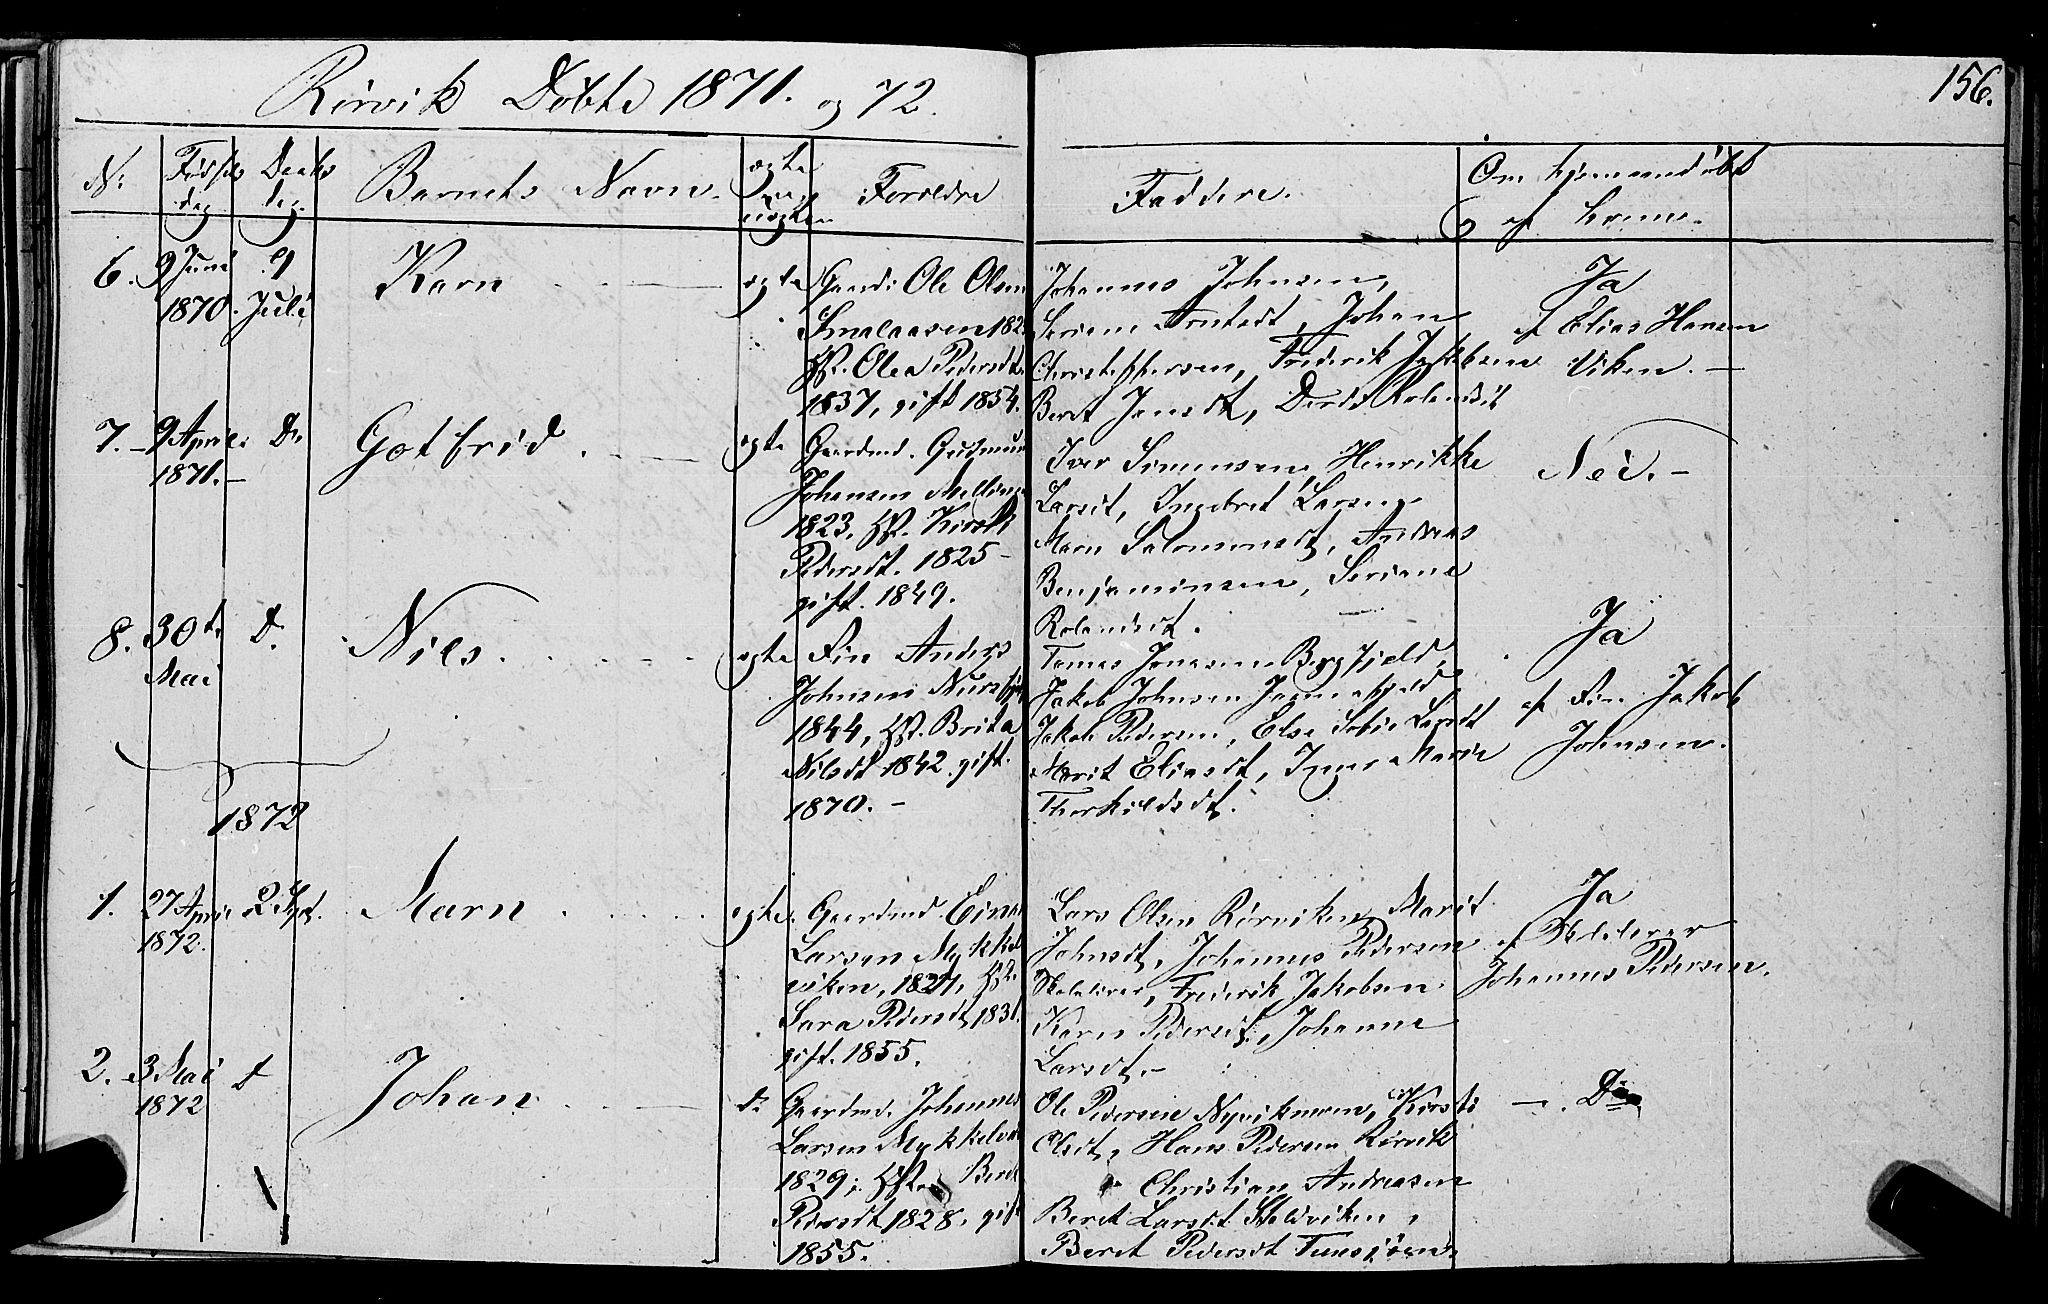 SAT, Ministerialprotokoller, klokkerbøker og fødselsregistre - Nord-Trøndelag, 762/L0538: Ministerialbok nr. 762A02 /1, 1833-1879, s. 156